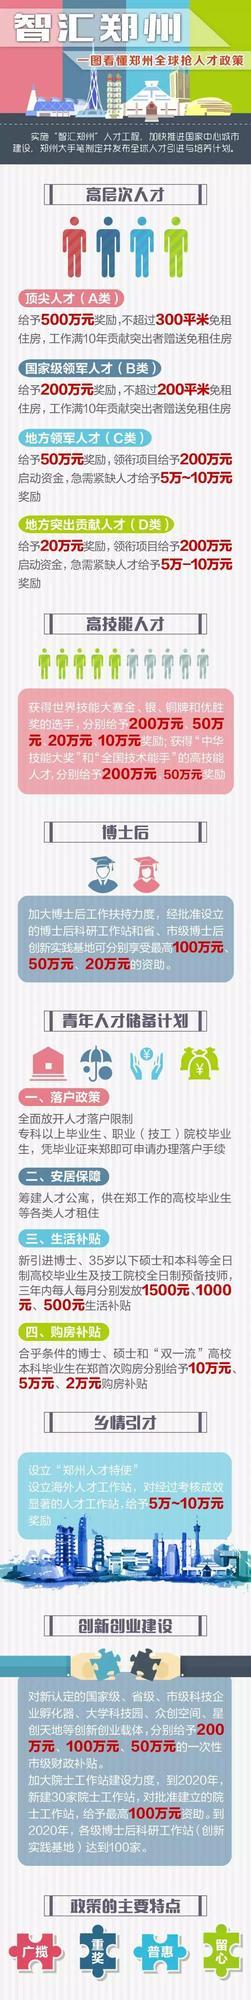 准毕业生注意!郑州人才新政购房可拿10万元购房补贴